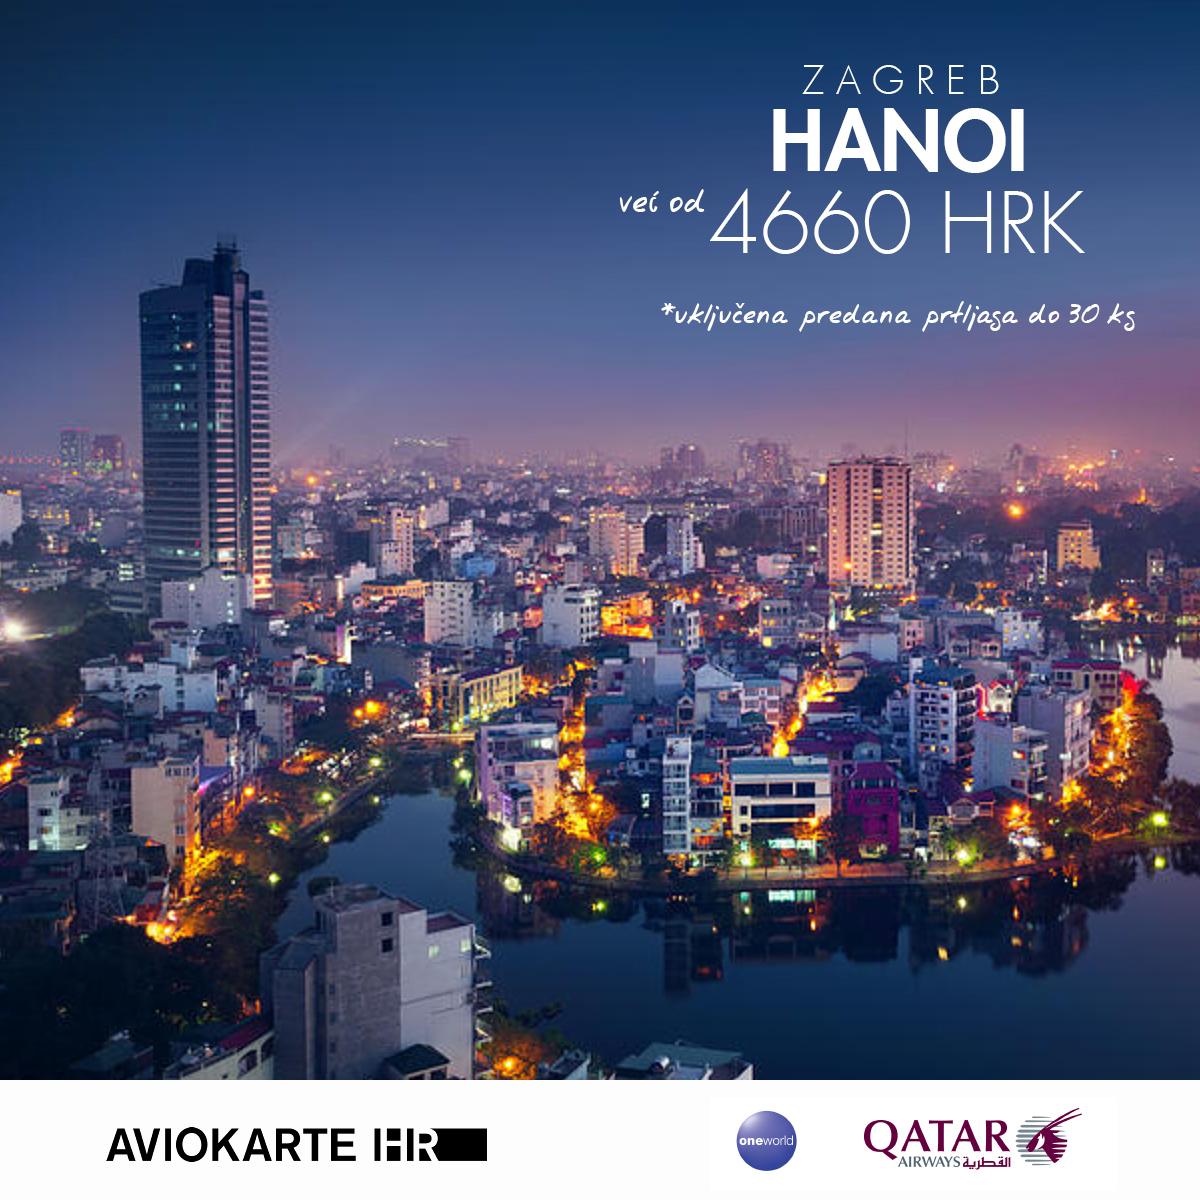 Hanoi vizual, Hanoi već od 1400 kuna, Hanoi jeftine avio karte, putovanje za Hanoi